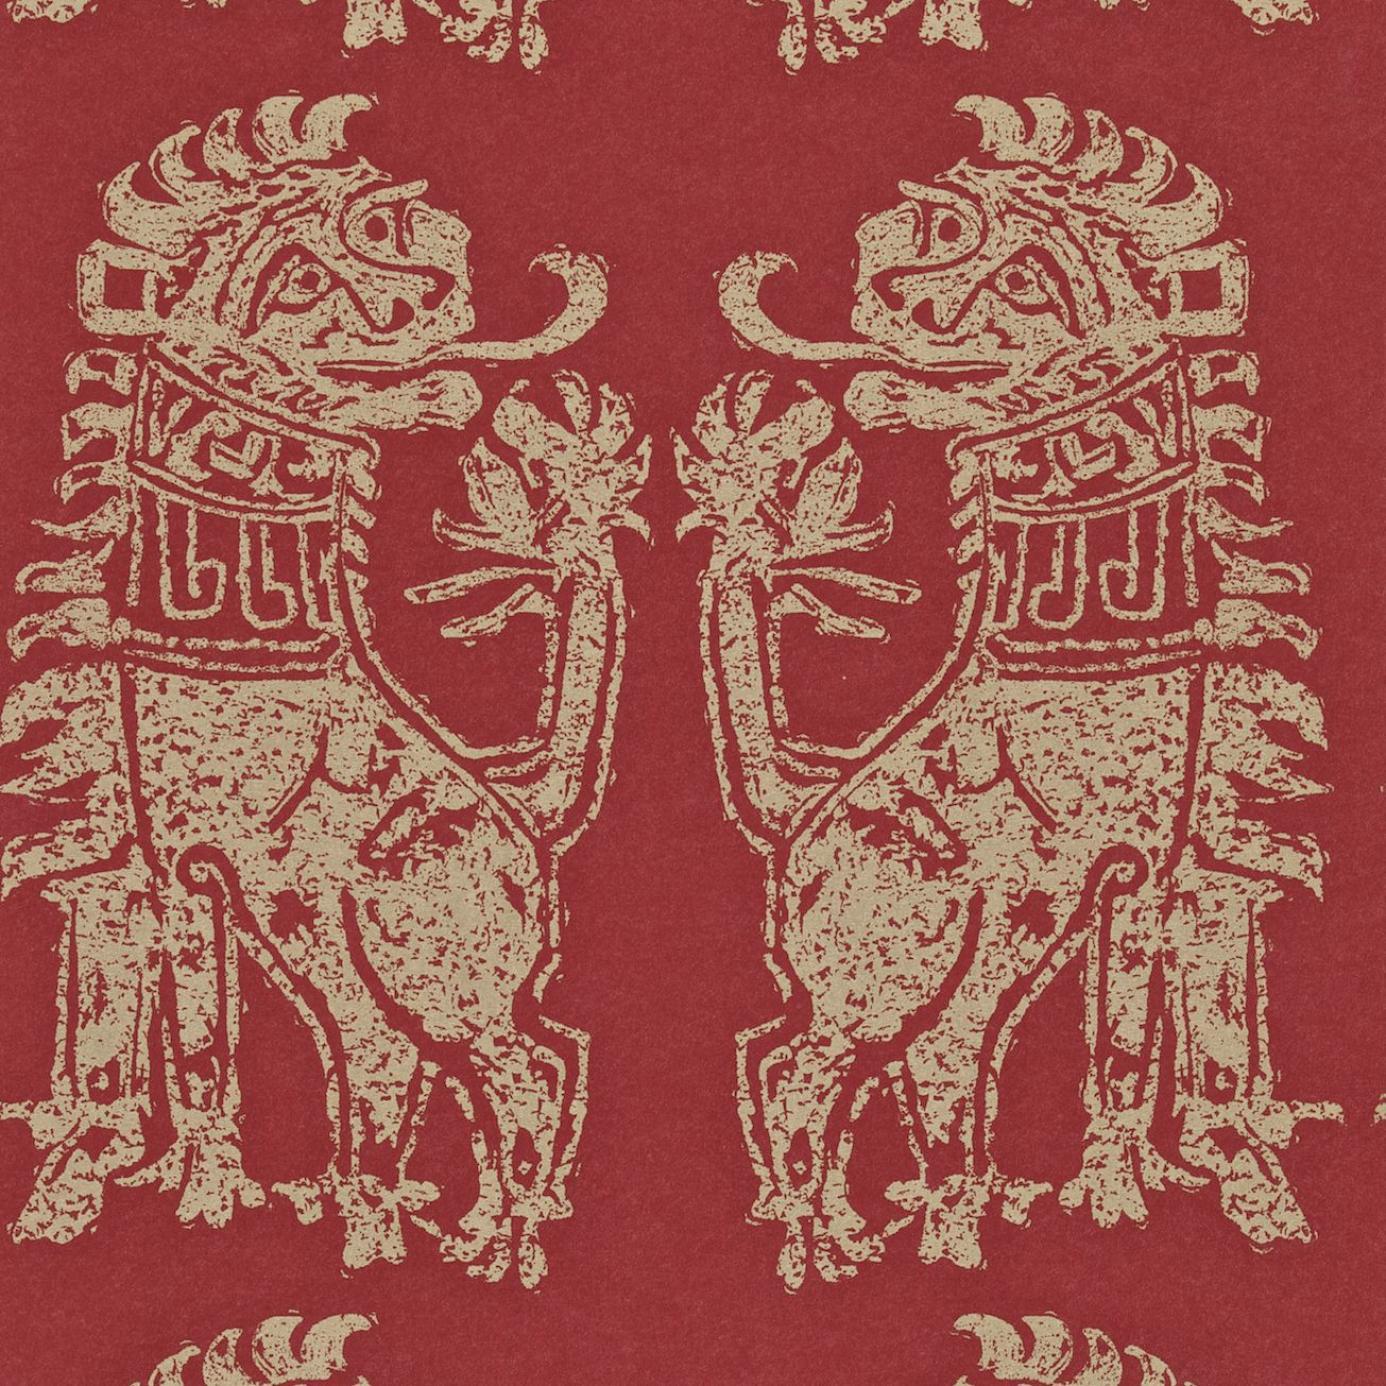 sicilian lions wallpaper red gold dviwsi103. Black Bedroom Furniture Sets. Home Design Ideas